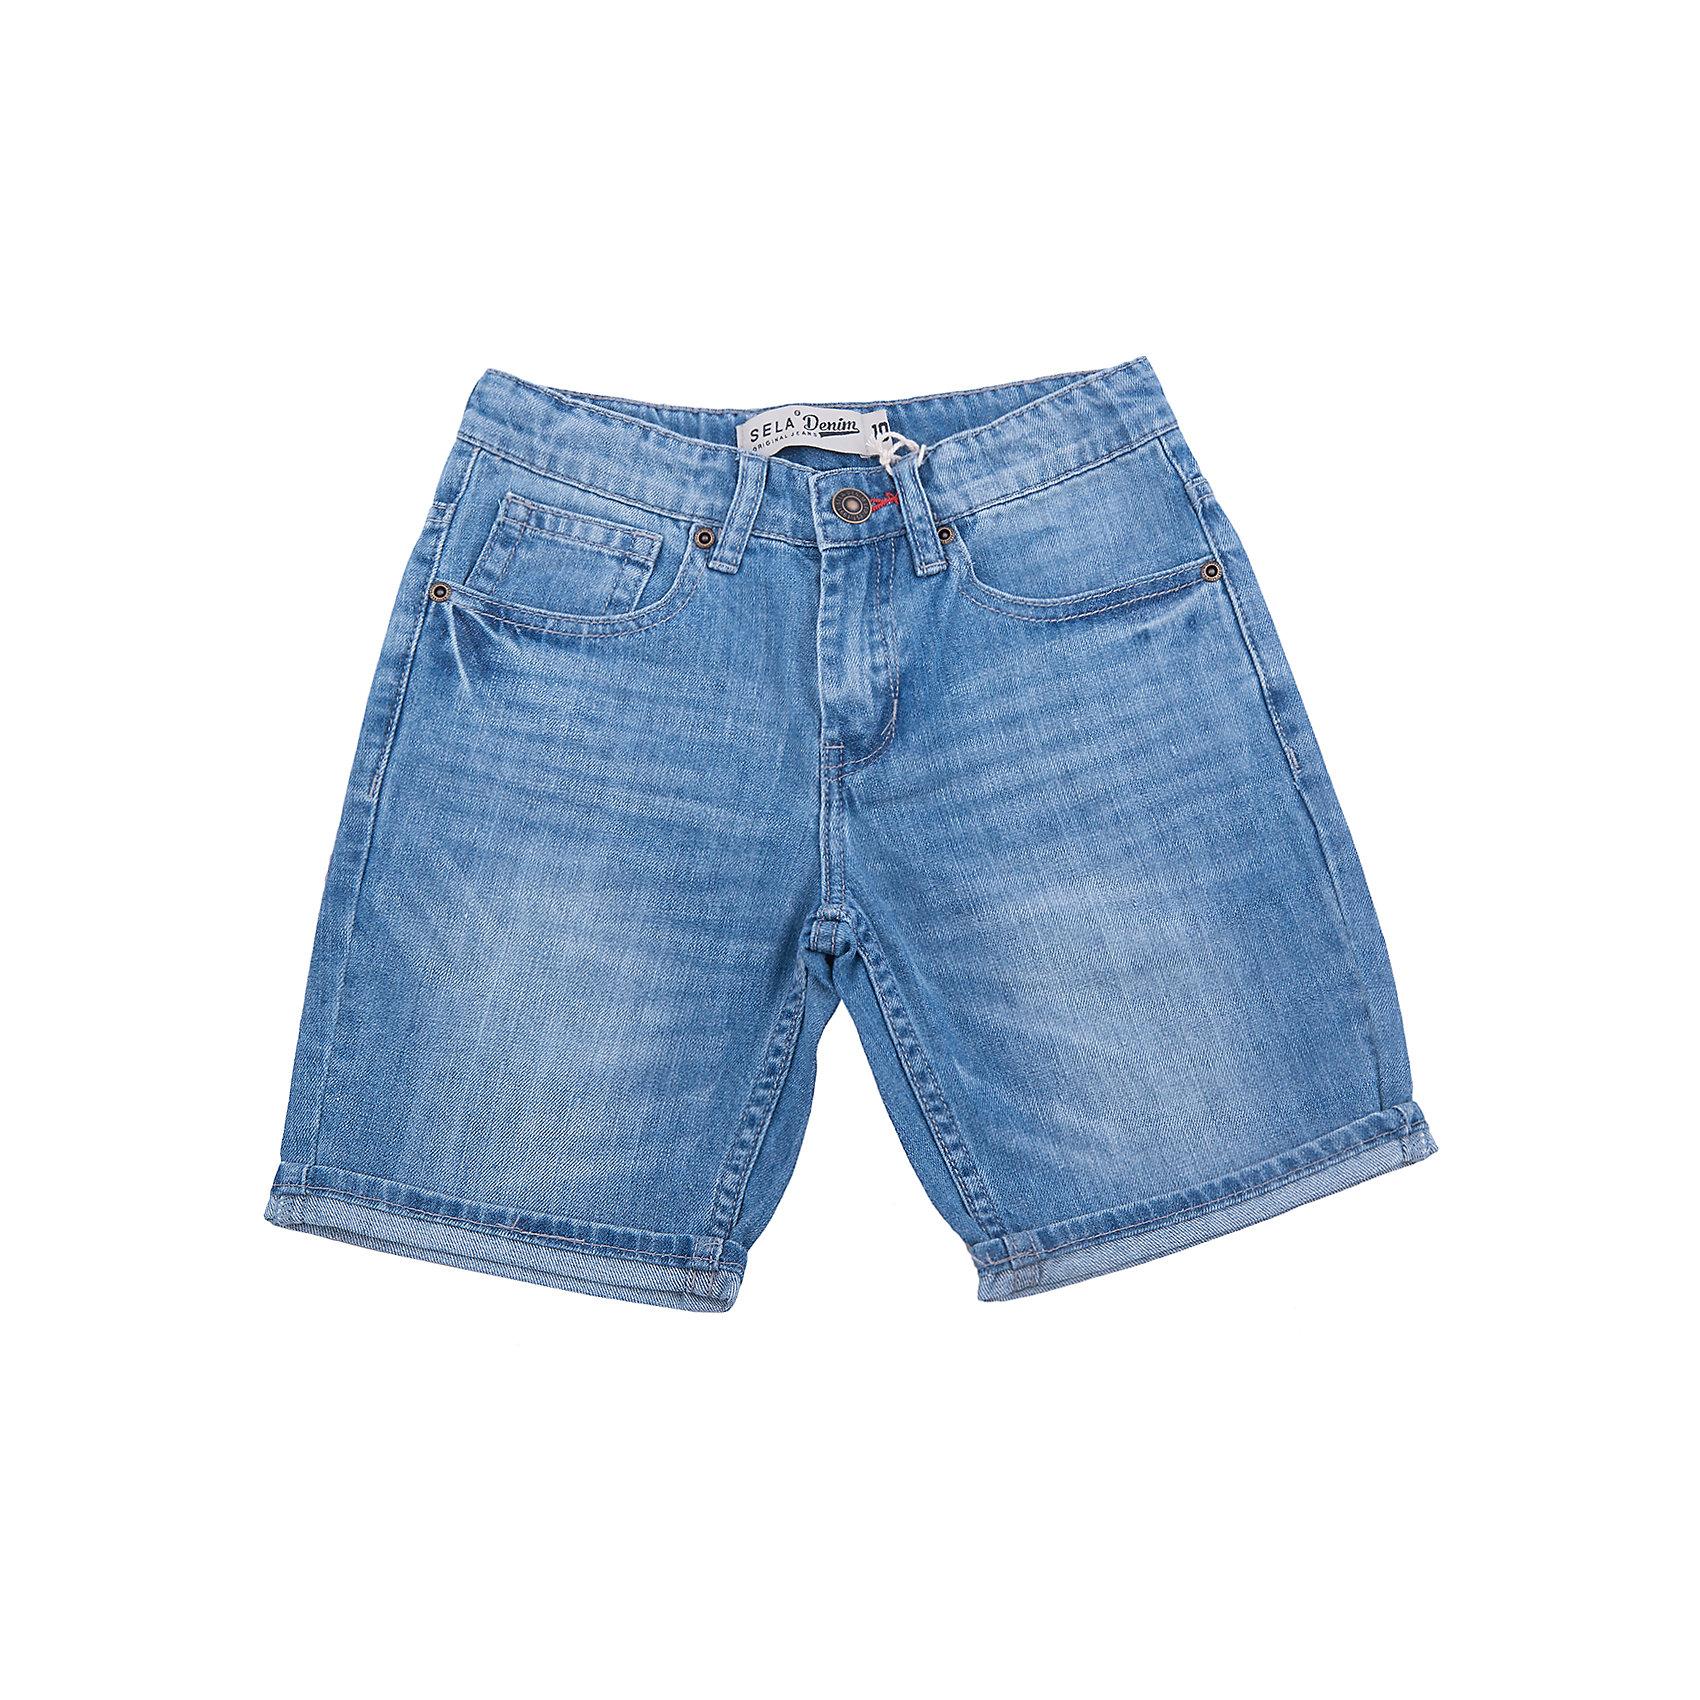 Шорты джинсовые для мальчика SELAДжинсовая одежда<br>Шорты джинсовые для мальчика от известного бренда SELA<br>Состав:<br>100% хлопок<br><br>Ширина мм: 191<br>Глубина мм: 10<br>Высота мм: 175<br>Вес г: 273<br>Цвет: голубой<br>Возраст от месяцев: 96<br>Возраст до месяцев: 108<br>Пол: Мужской<br>Возраст: Детский<br>Размер: 128,134,140,146,152,122<br>SKU: 5305970